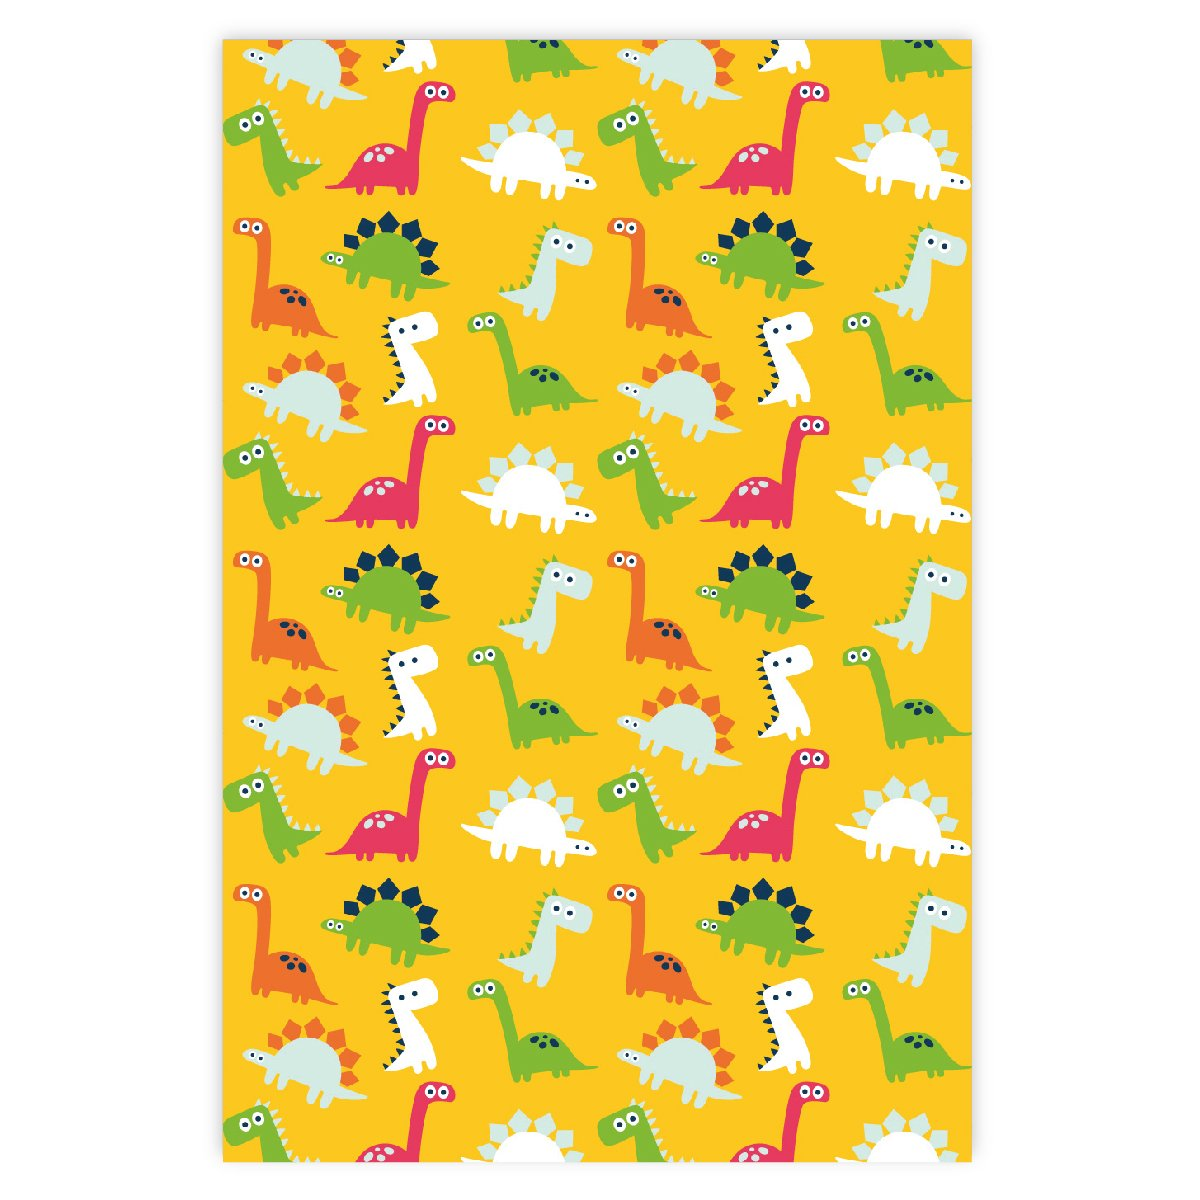 Kartenkaufrausch Lustiges Comic Dinosaurier Kinder Geschenkpapier Set als edle Geschenk Verpackung auf gelb Dekorpapier zum basteln 32 x 48cm 4 B/ögen Musterpapier